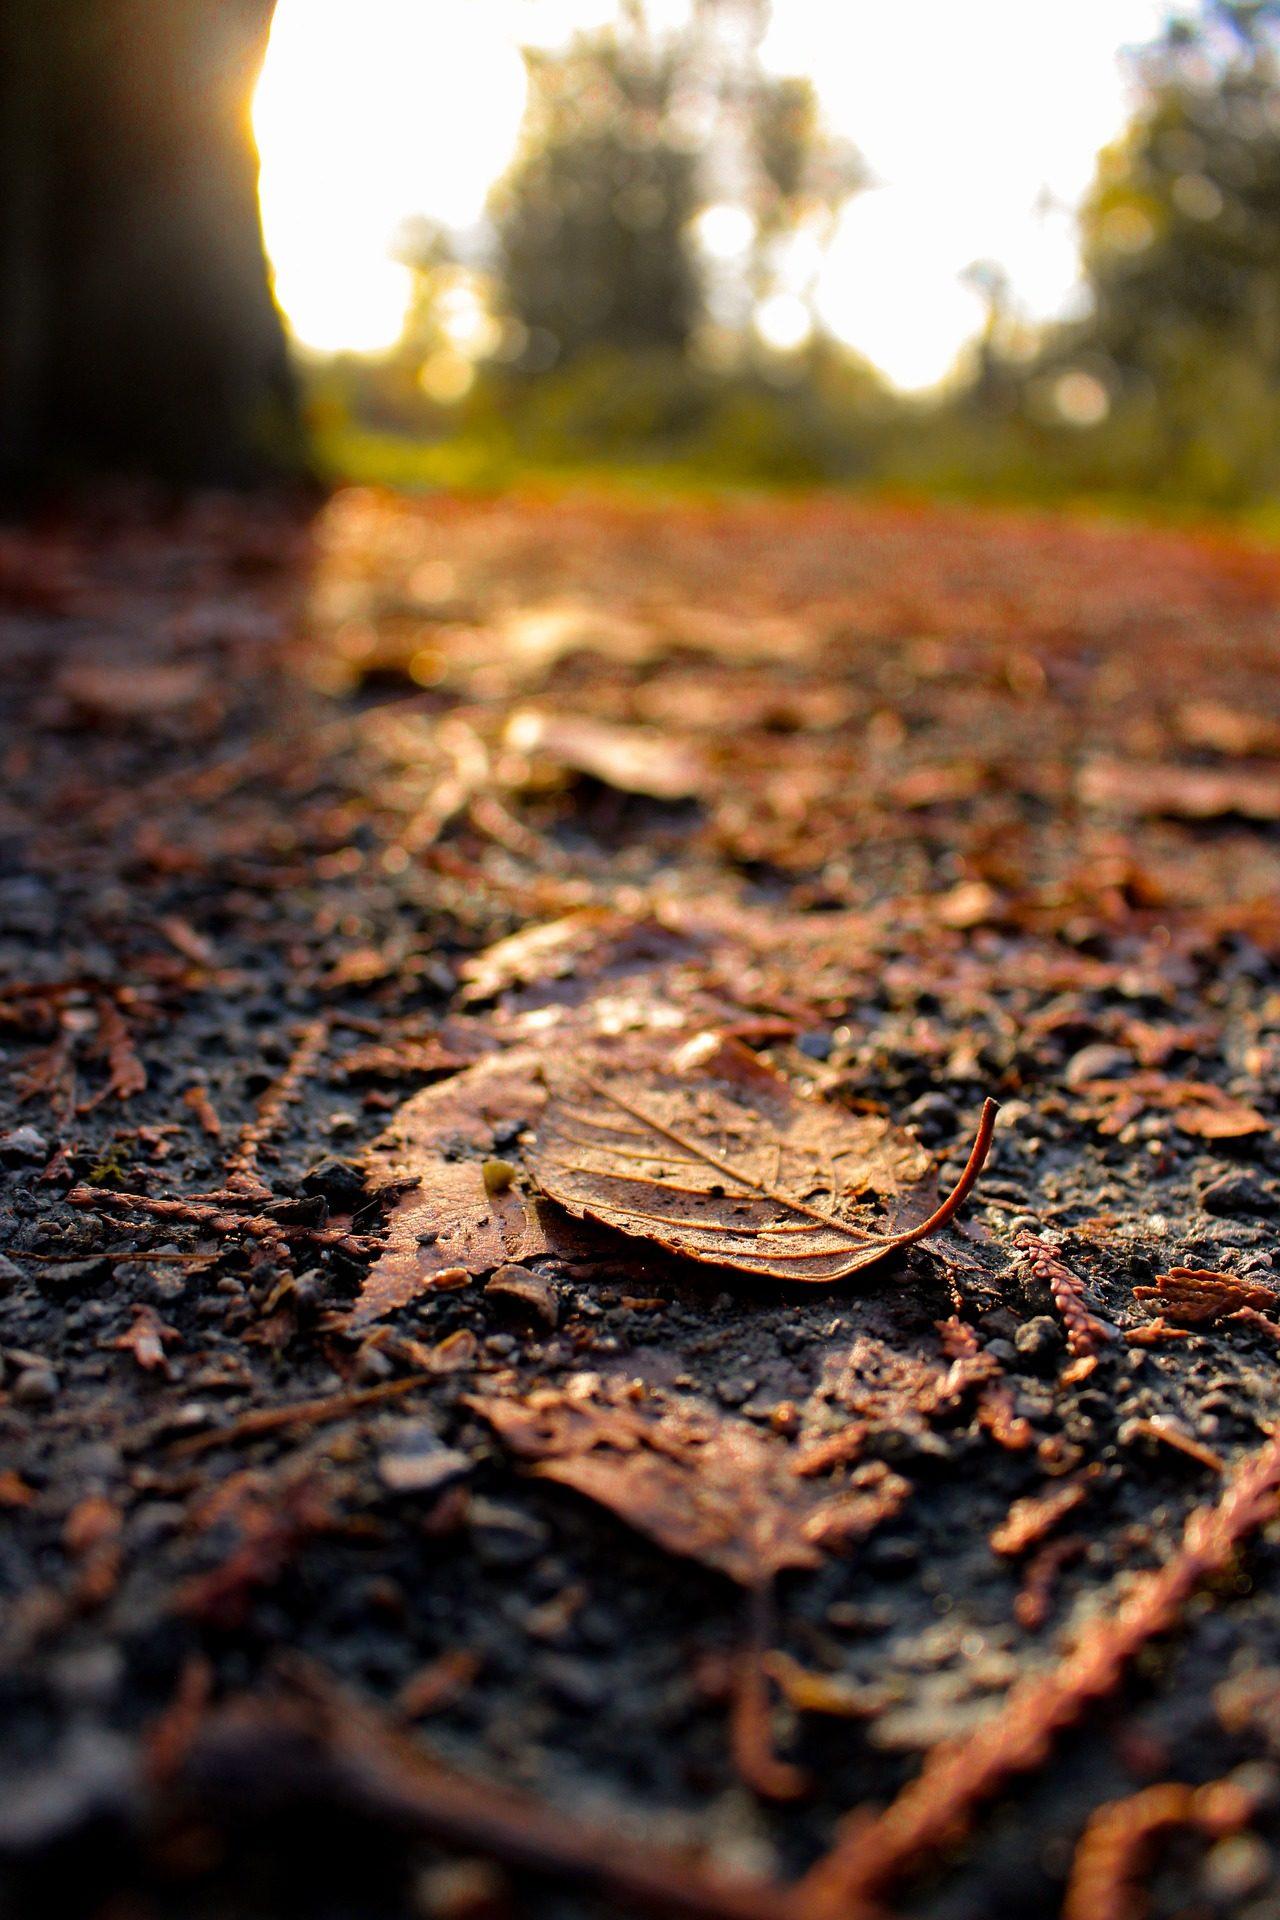 campo, solo, folhas, seca, Pôr do sol, Outono - Papéis de parede HD - Professor-falken.com